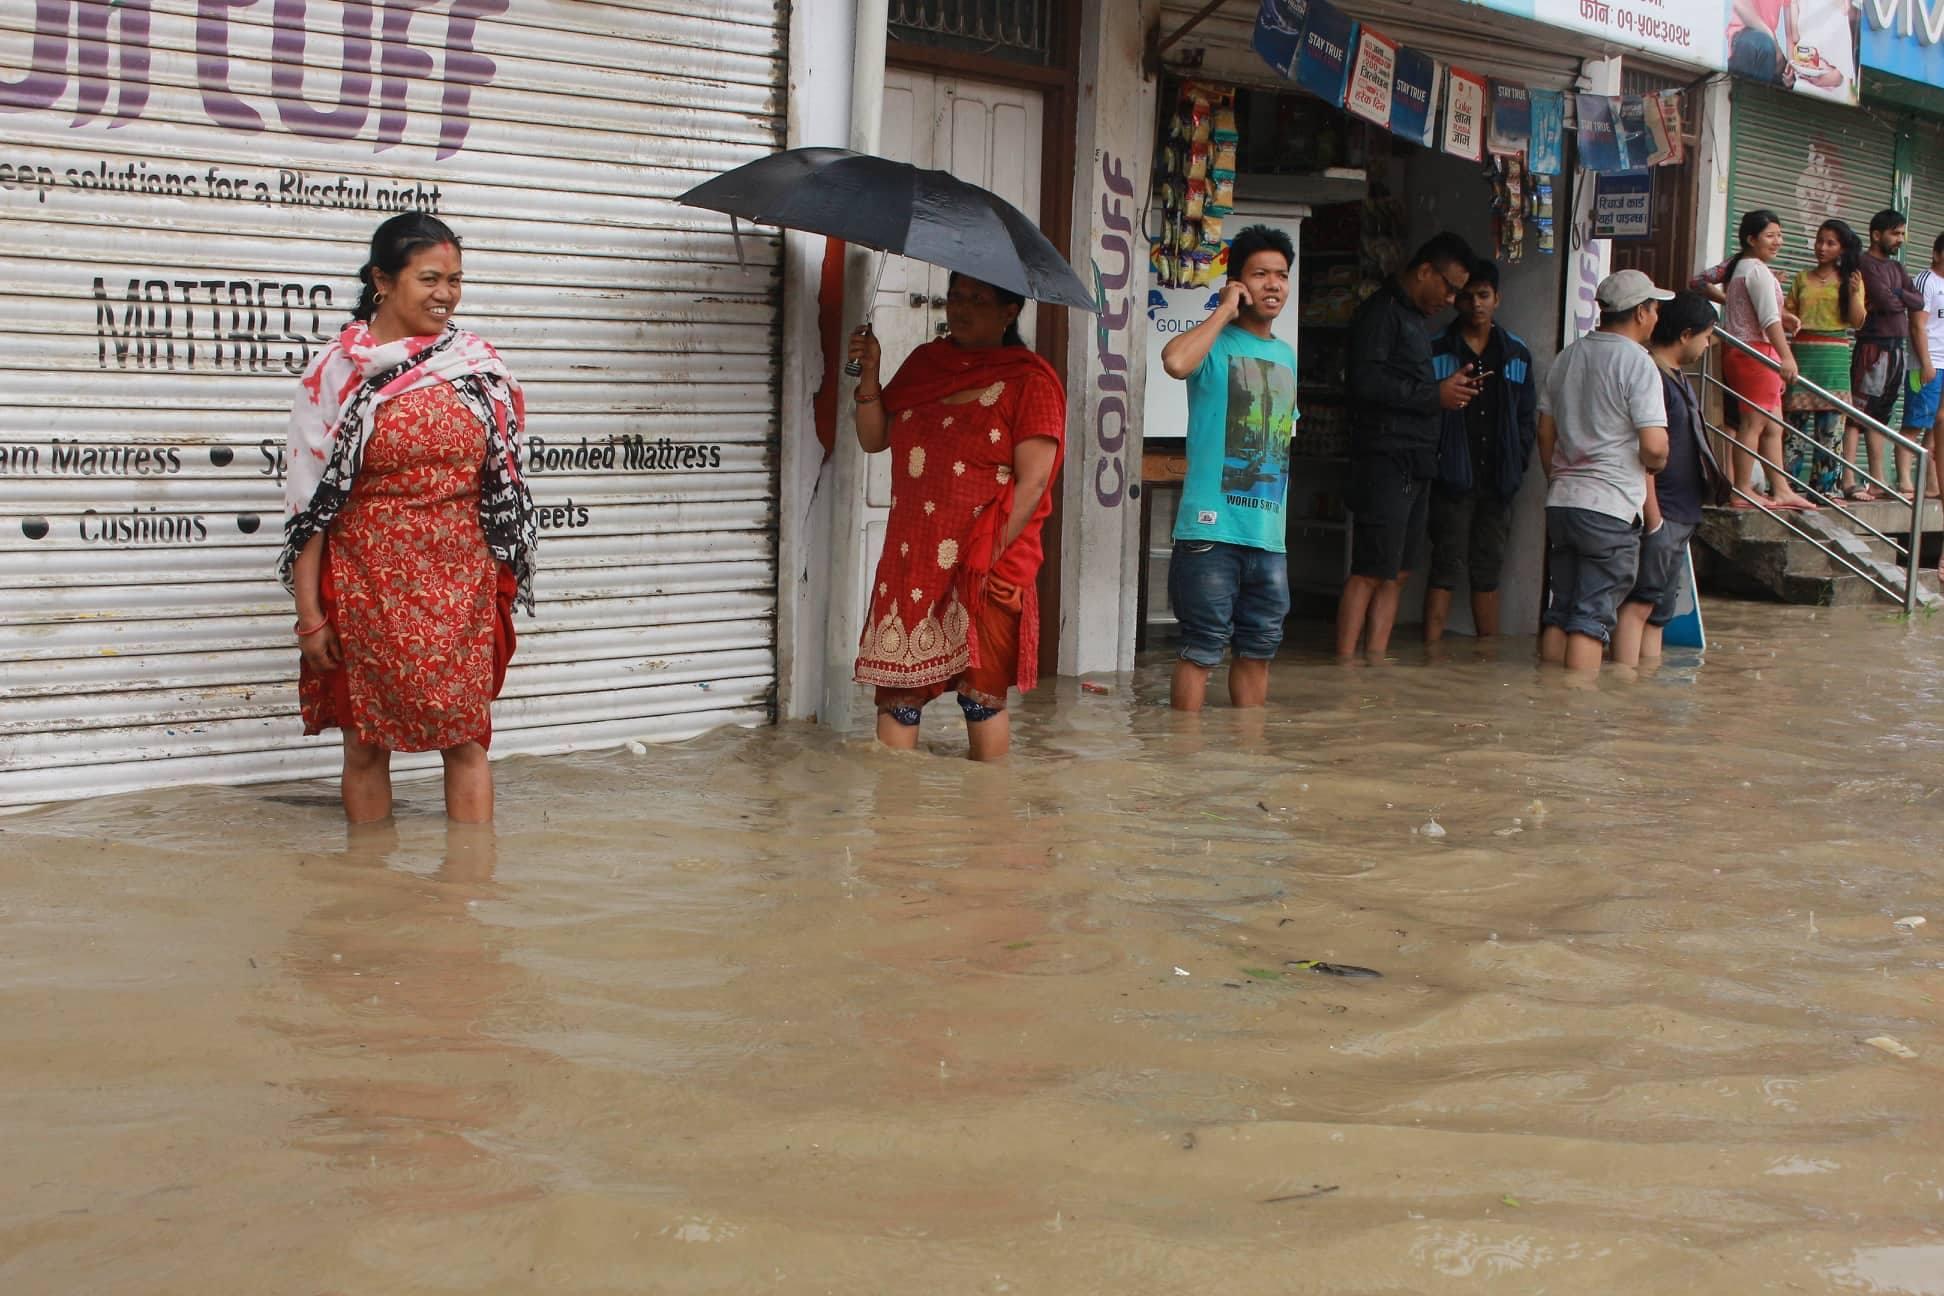 भक्तपुर र थिमि डुबानमा, बाढी घरभित्रै पस्यो– प्रमुख राजमार्ग ठप्प